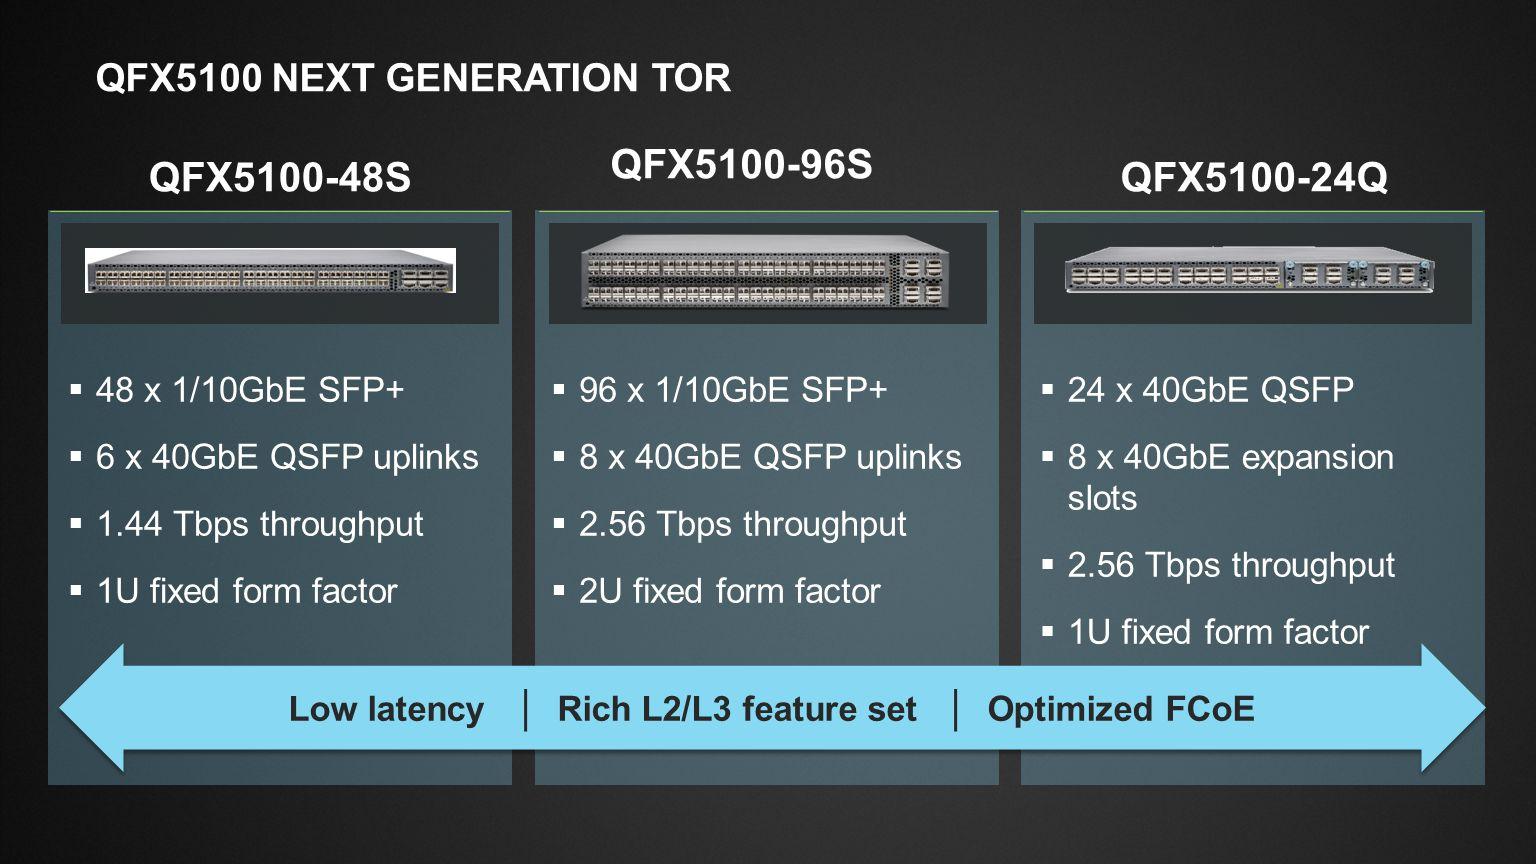 QFX5100 next generation Tor